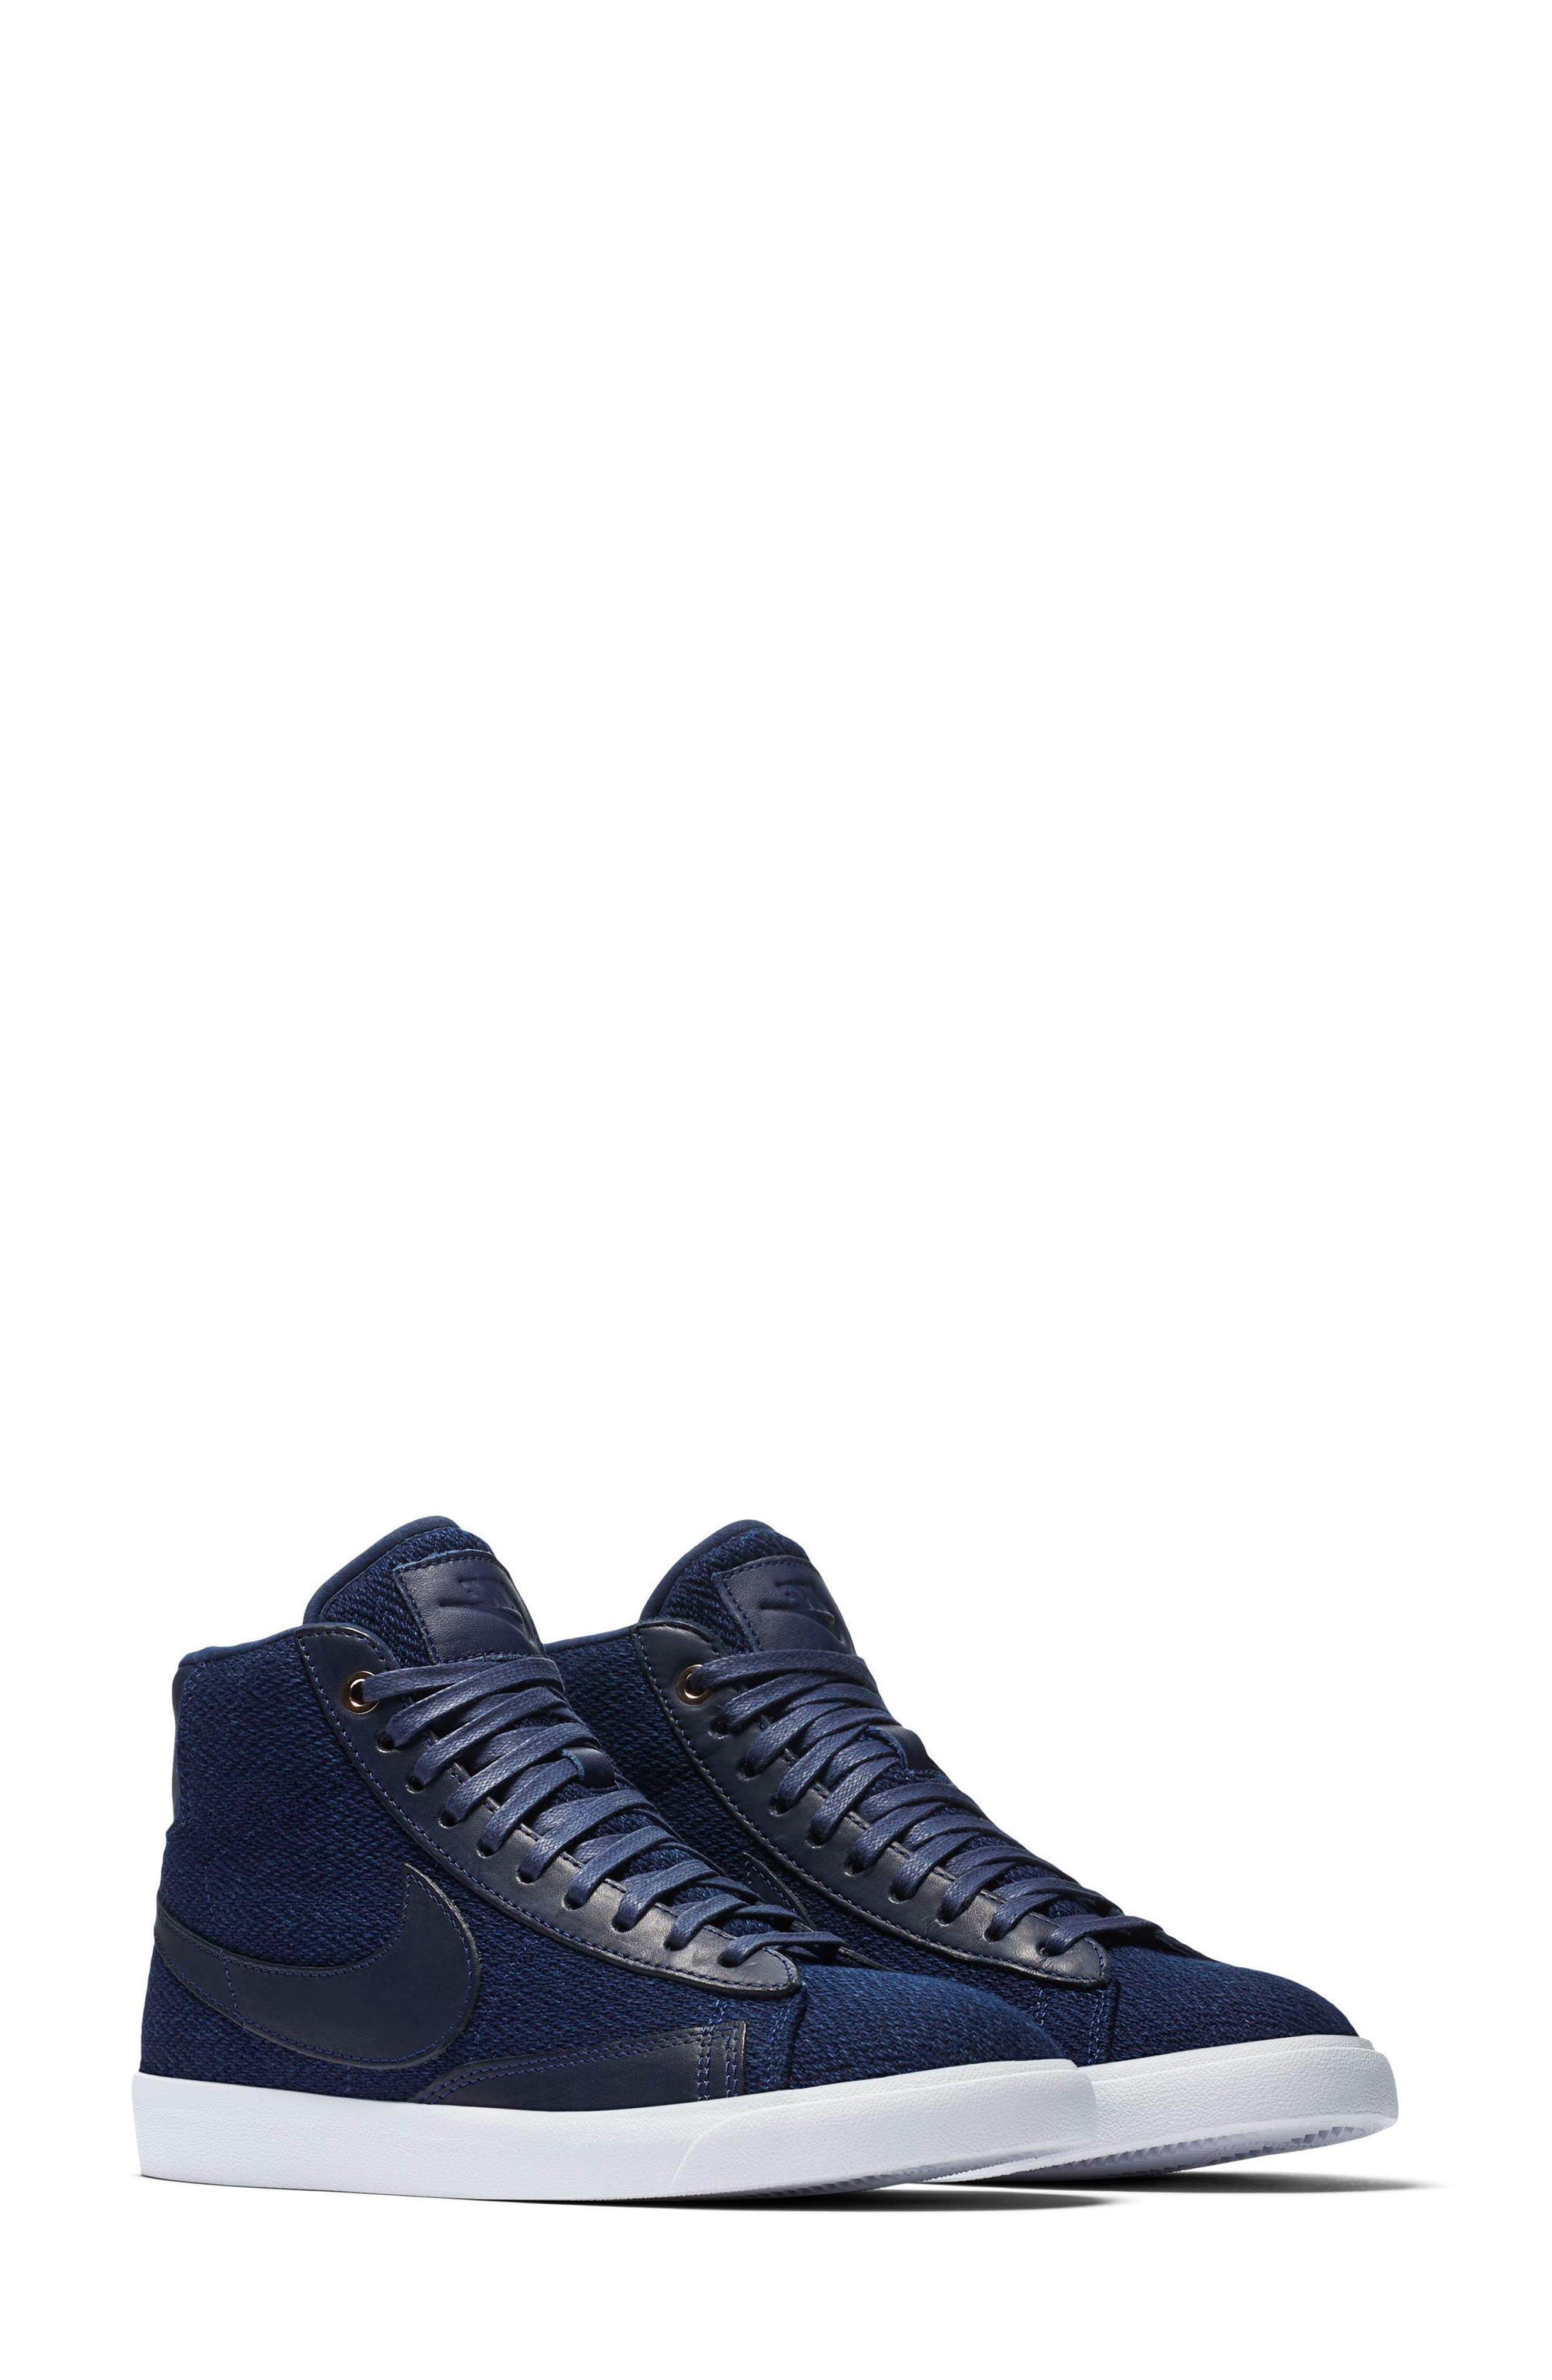 Nike Blazer Mediados Prima Lx Zapatilla De Deporte